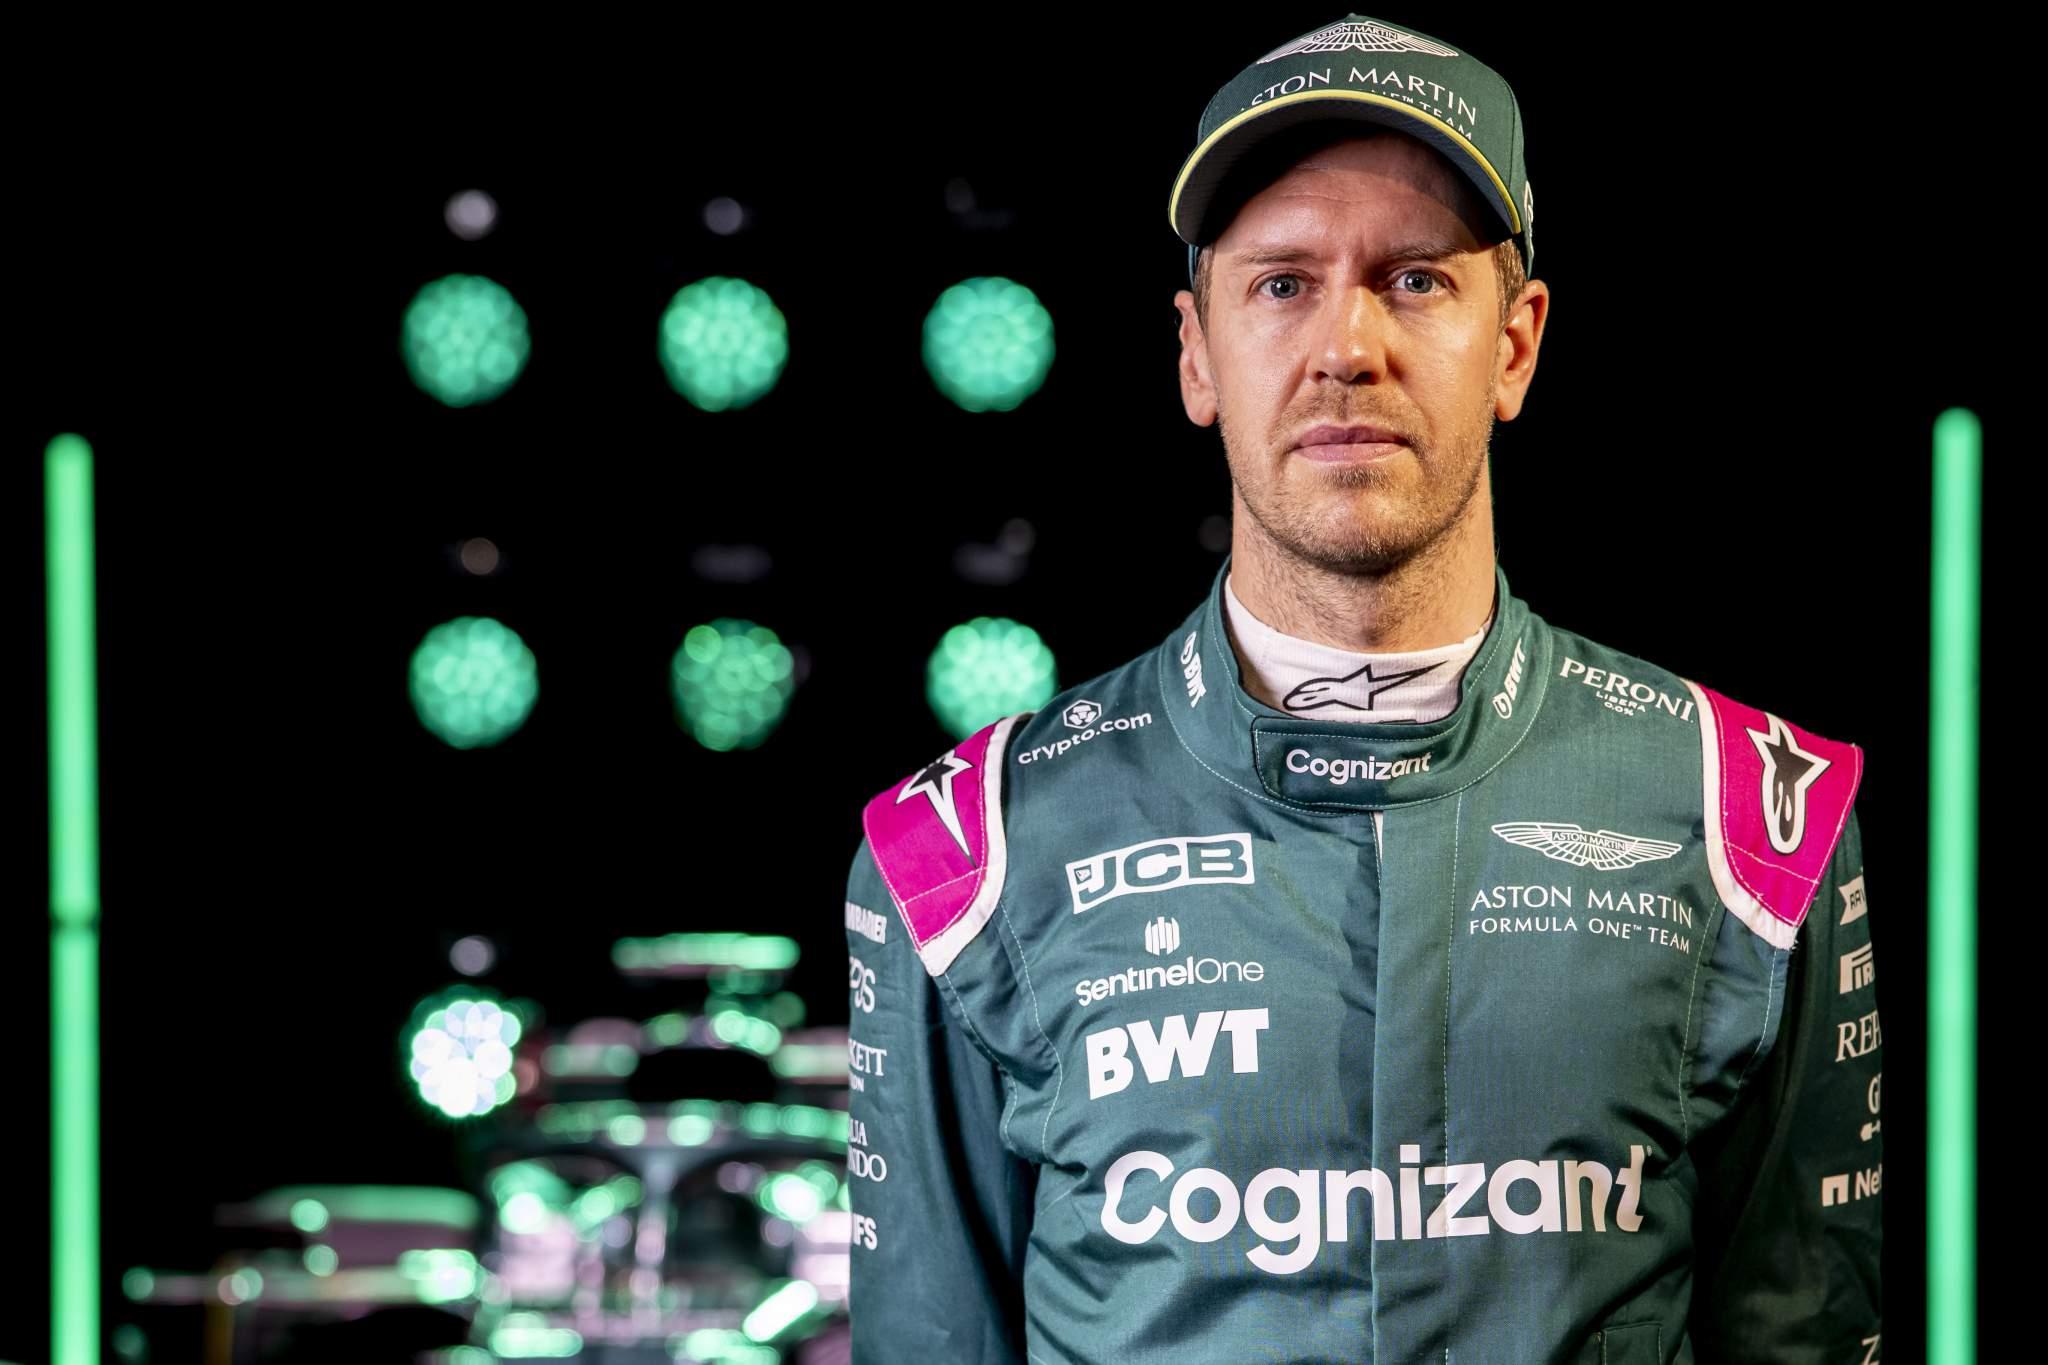 Sebastian Vettel, Aston Martin, In Front Of The Amr21